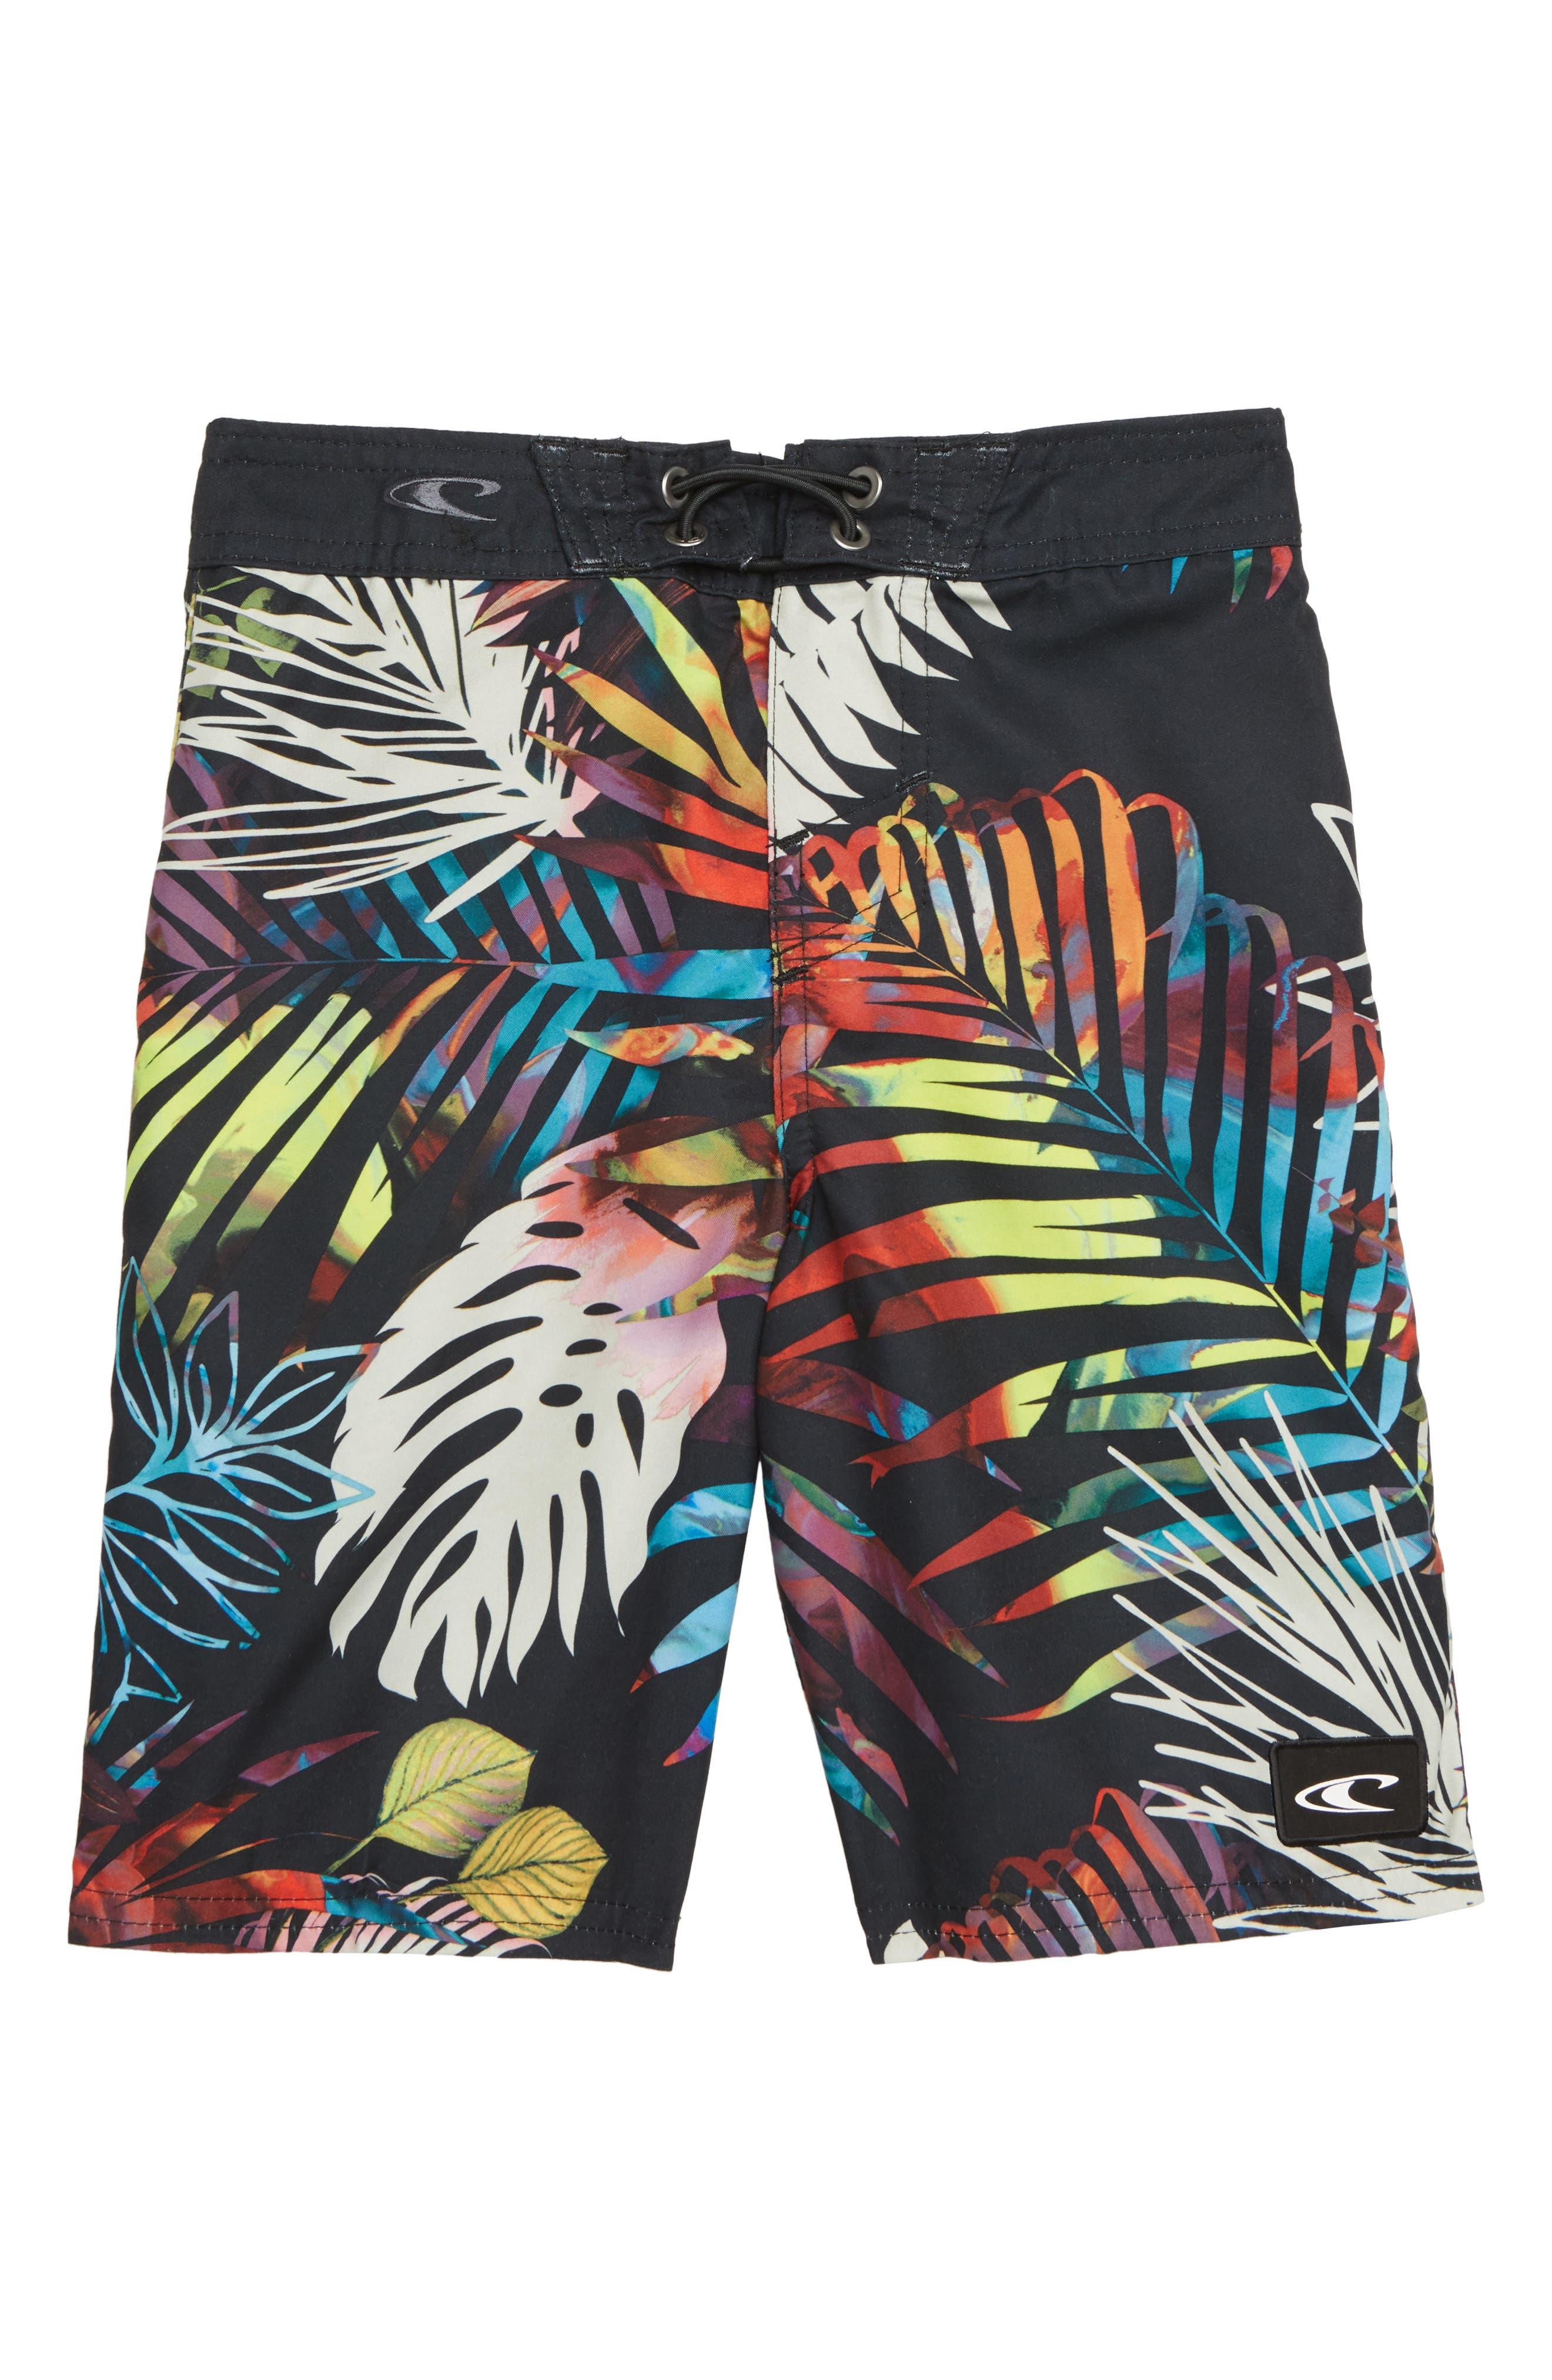 Mondaze Board Shorts,                             Main thumbnail 1, color,                             MULTI